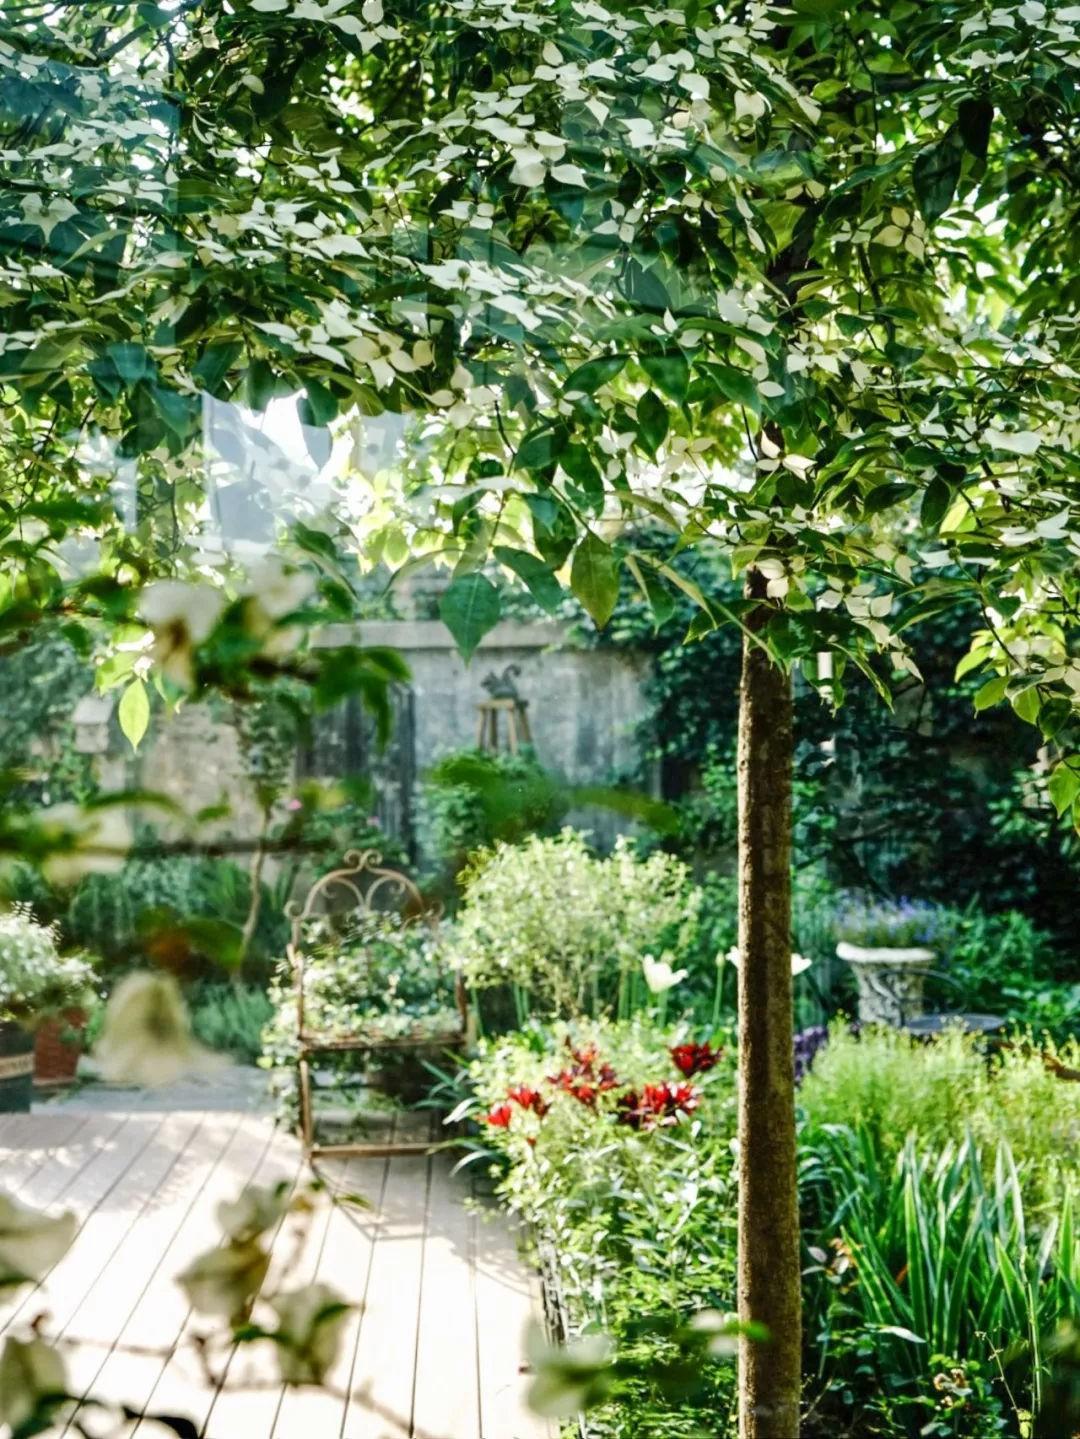 Khu vườn đẹp như chốn thần tiên do người phụ nữ dành tất cả tình yêu trong suốt 16 năm chăm sóc - Ảnh 12.